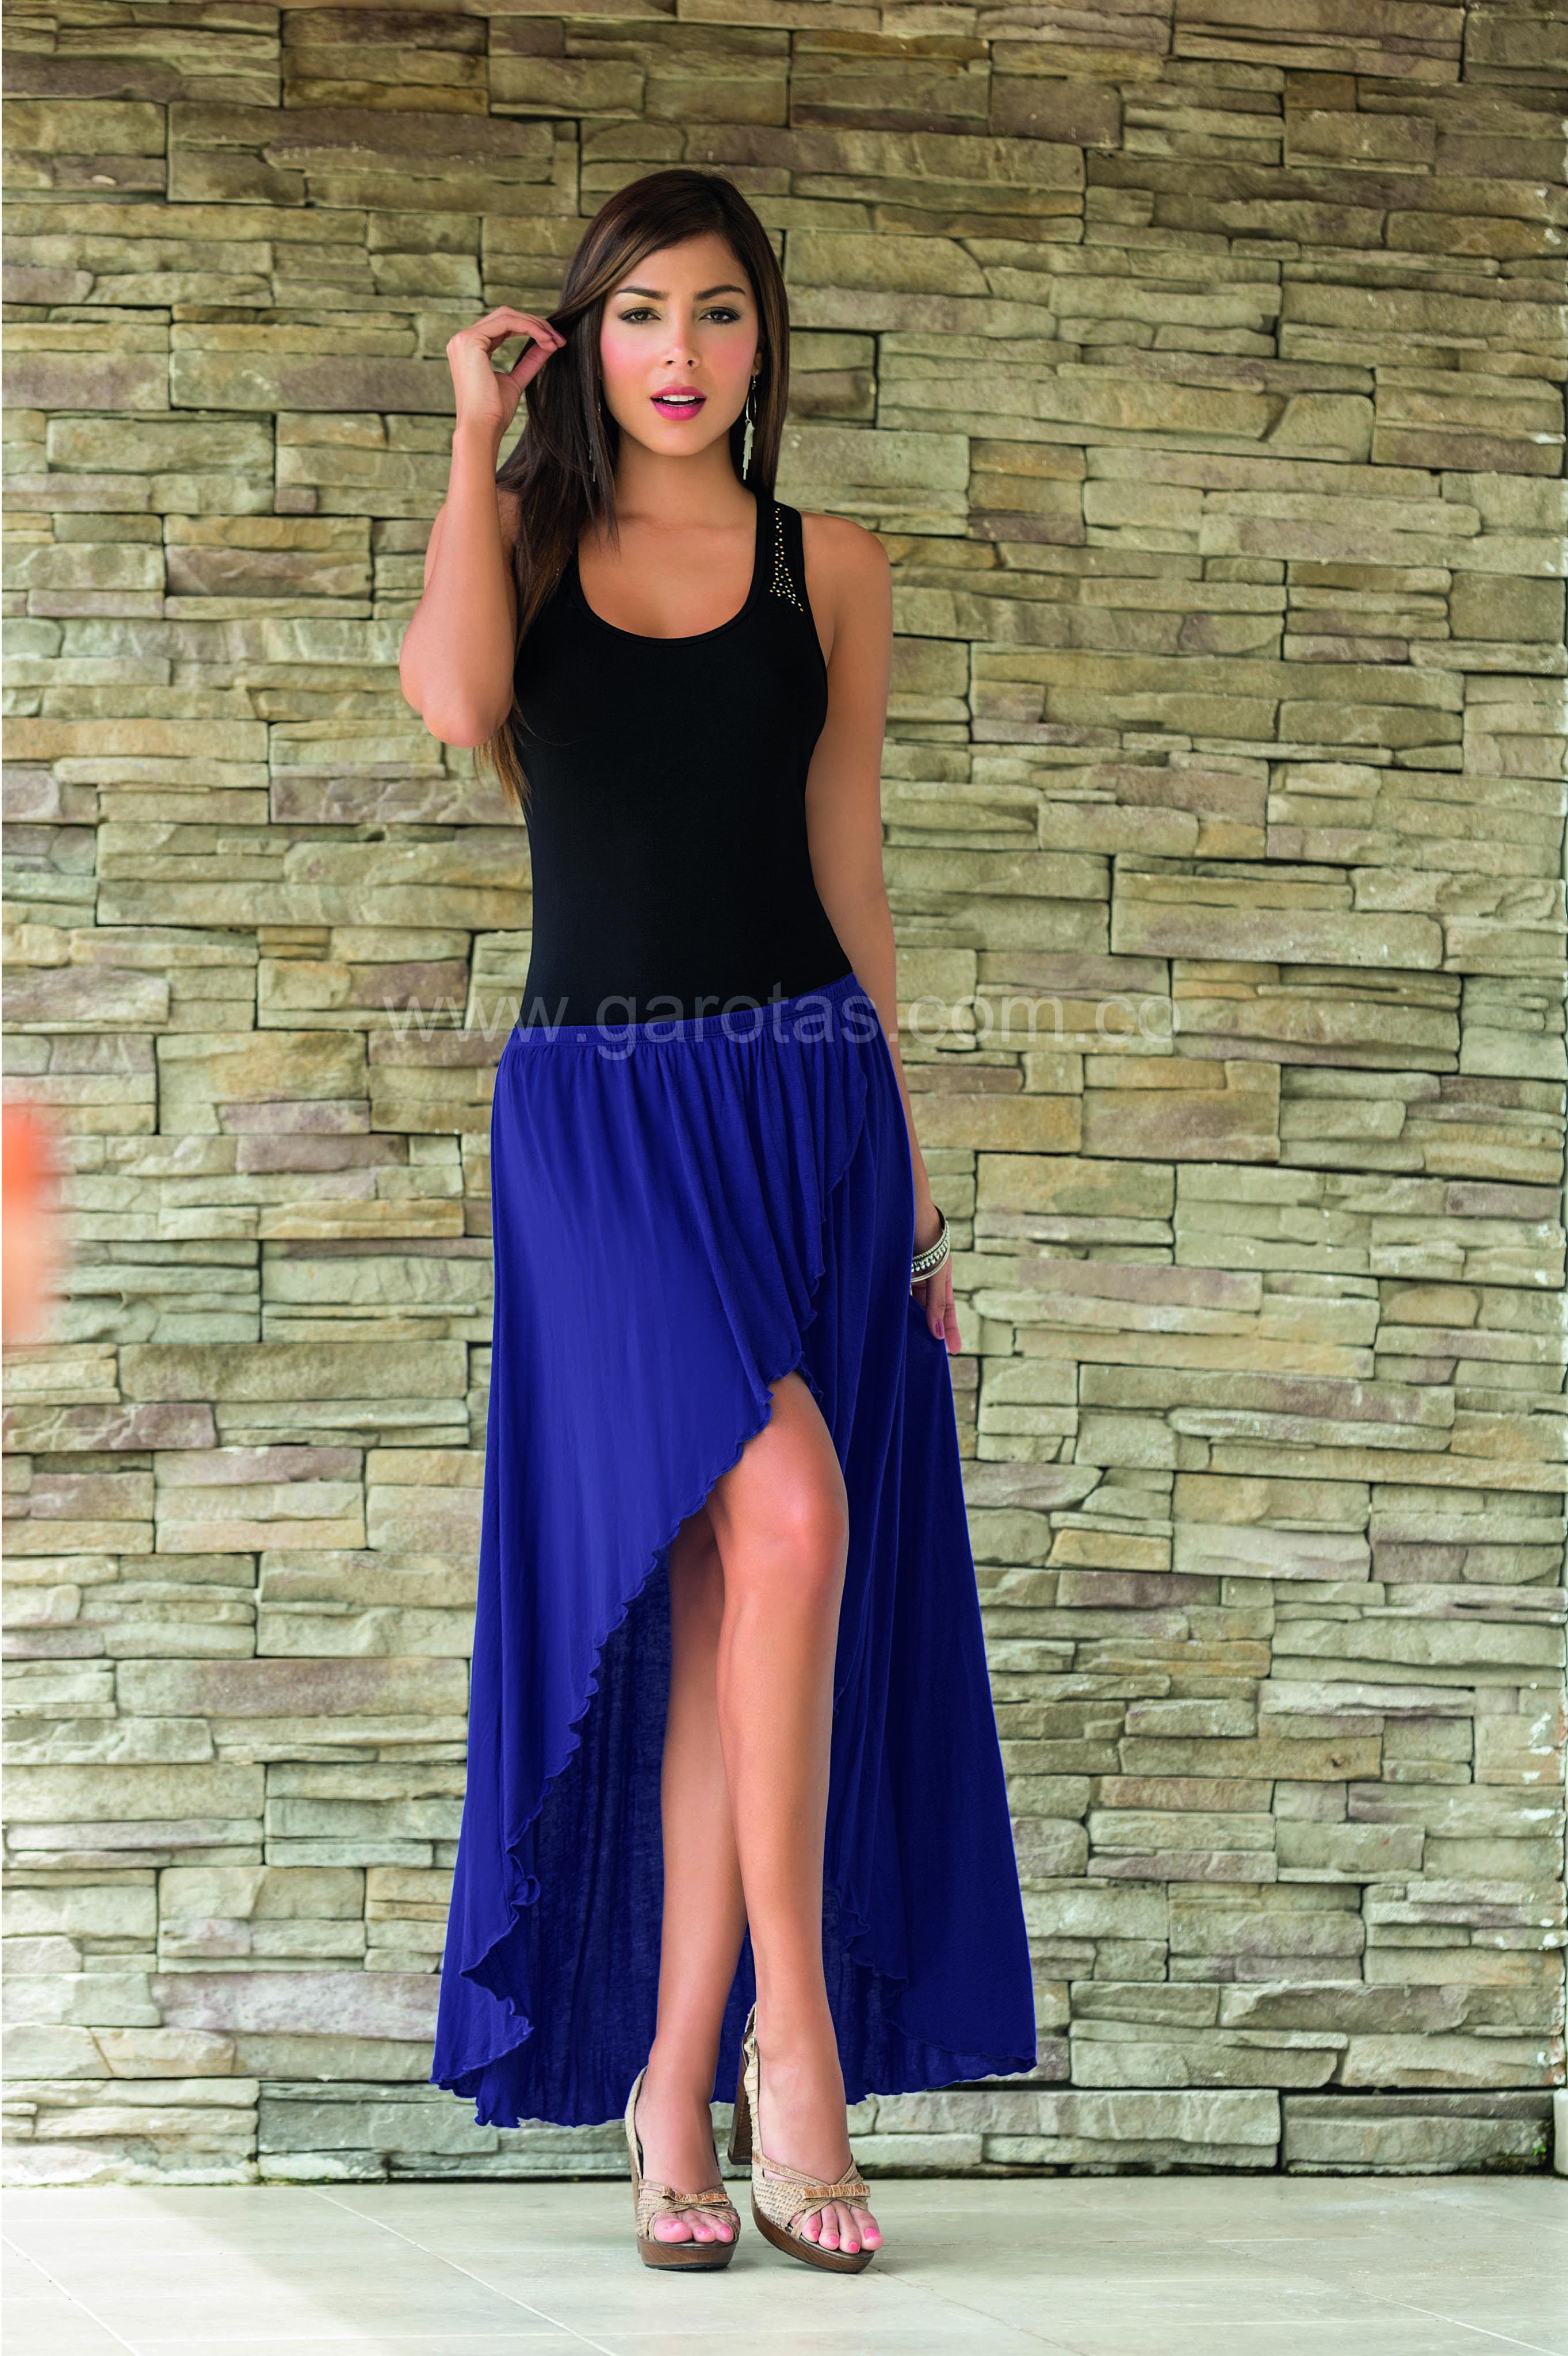 Blusa y Falda Cola de Pato  Ropa  Vestidos  Moda  Fashion Faldas Cola 2806627d7b78